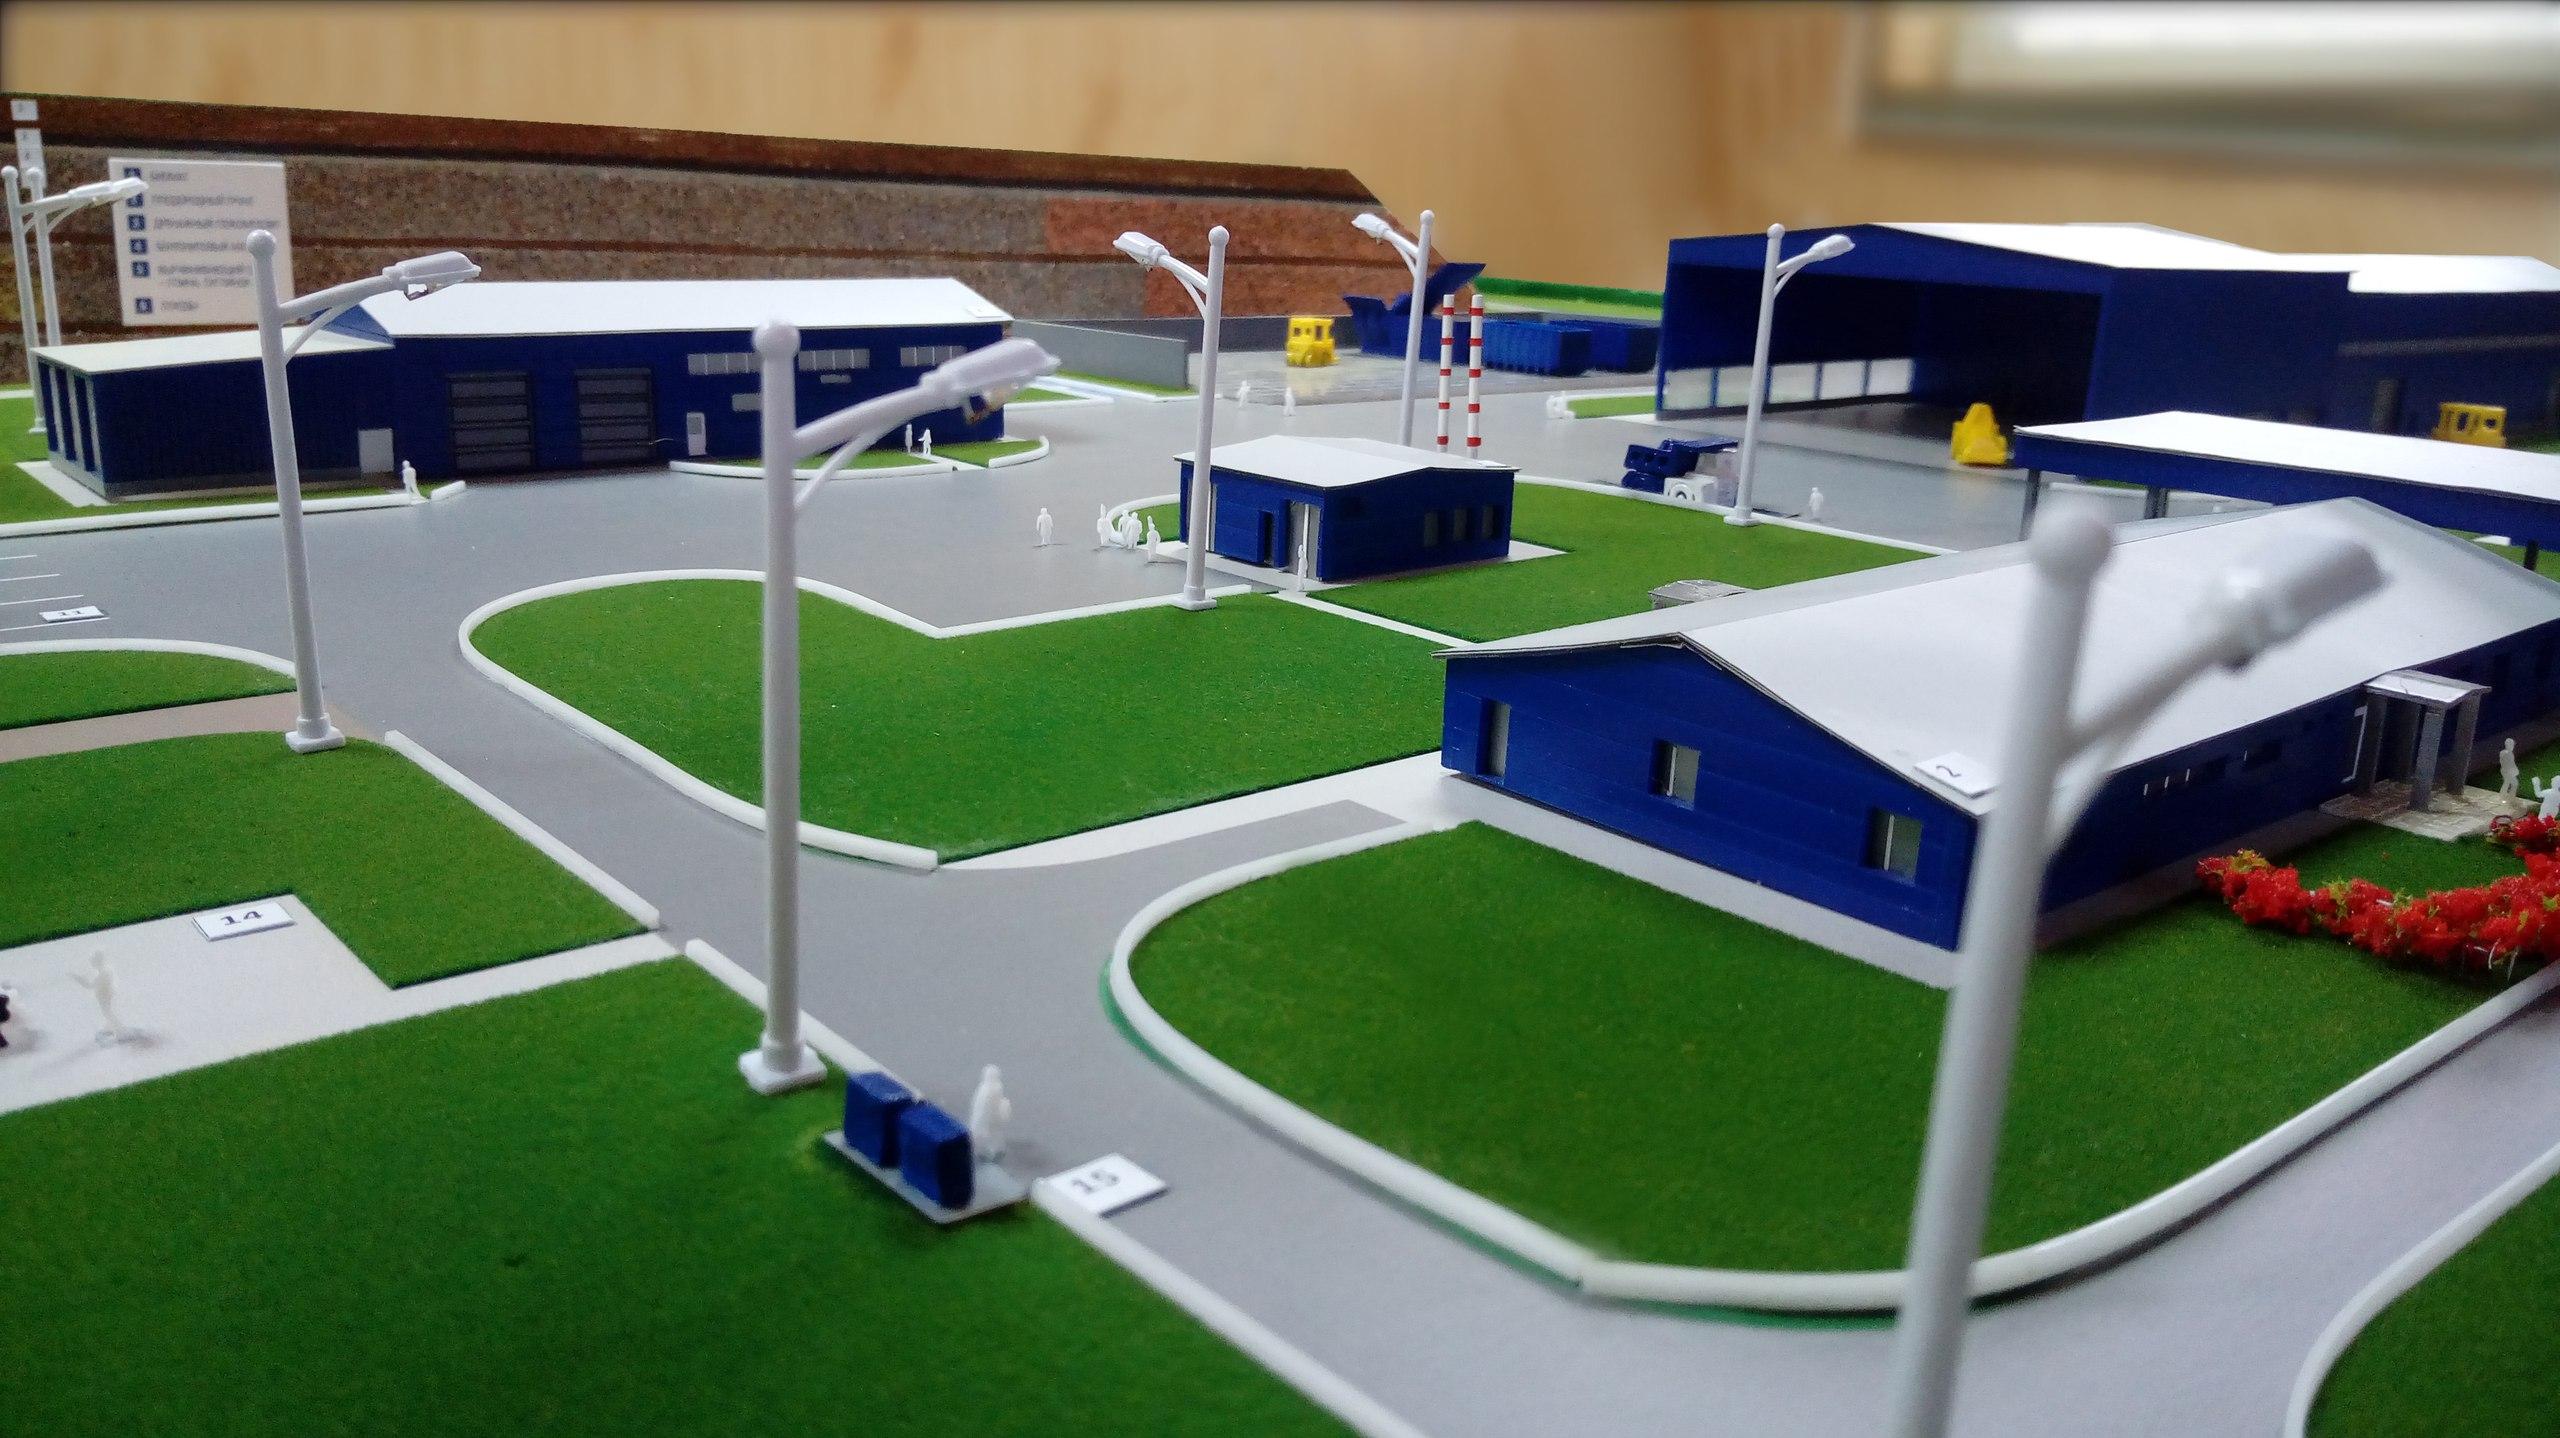 макет завода | макет выставка области нефтяная промышленность | макет на заказ | макет купить | макеты производственные | макет промышленный | макеты заводов | макет стоимость | изготовление макетов из пластика | заказ макета | заказать макет | изготовить макет с подсветкой | макет для выставки | макетирование | производство макетов | макетная мастерская | макеты из пвх | макеты трубопроводов | макеты газопроводов